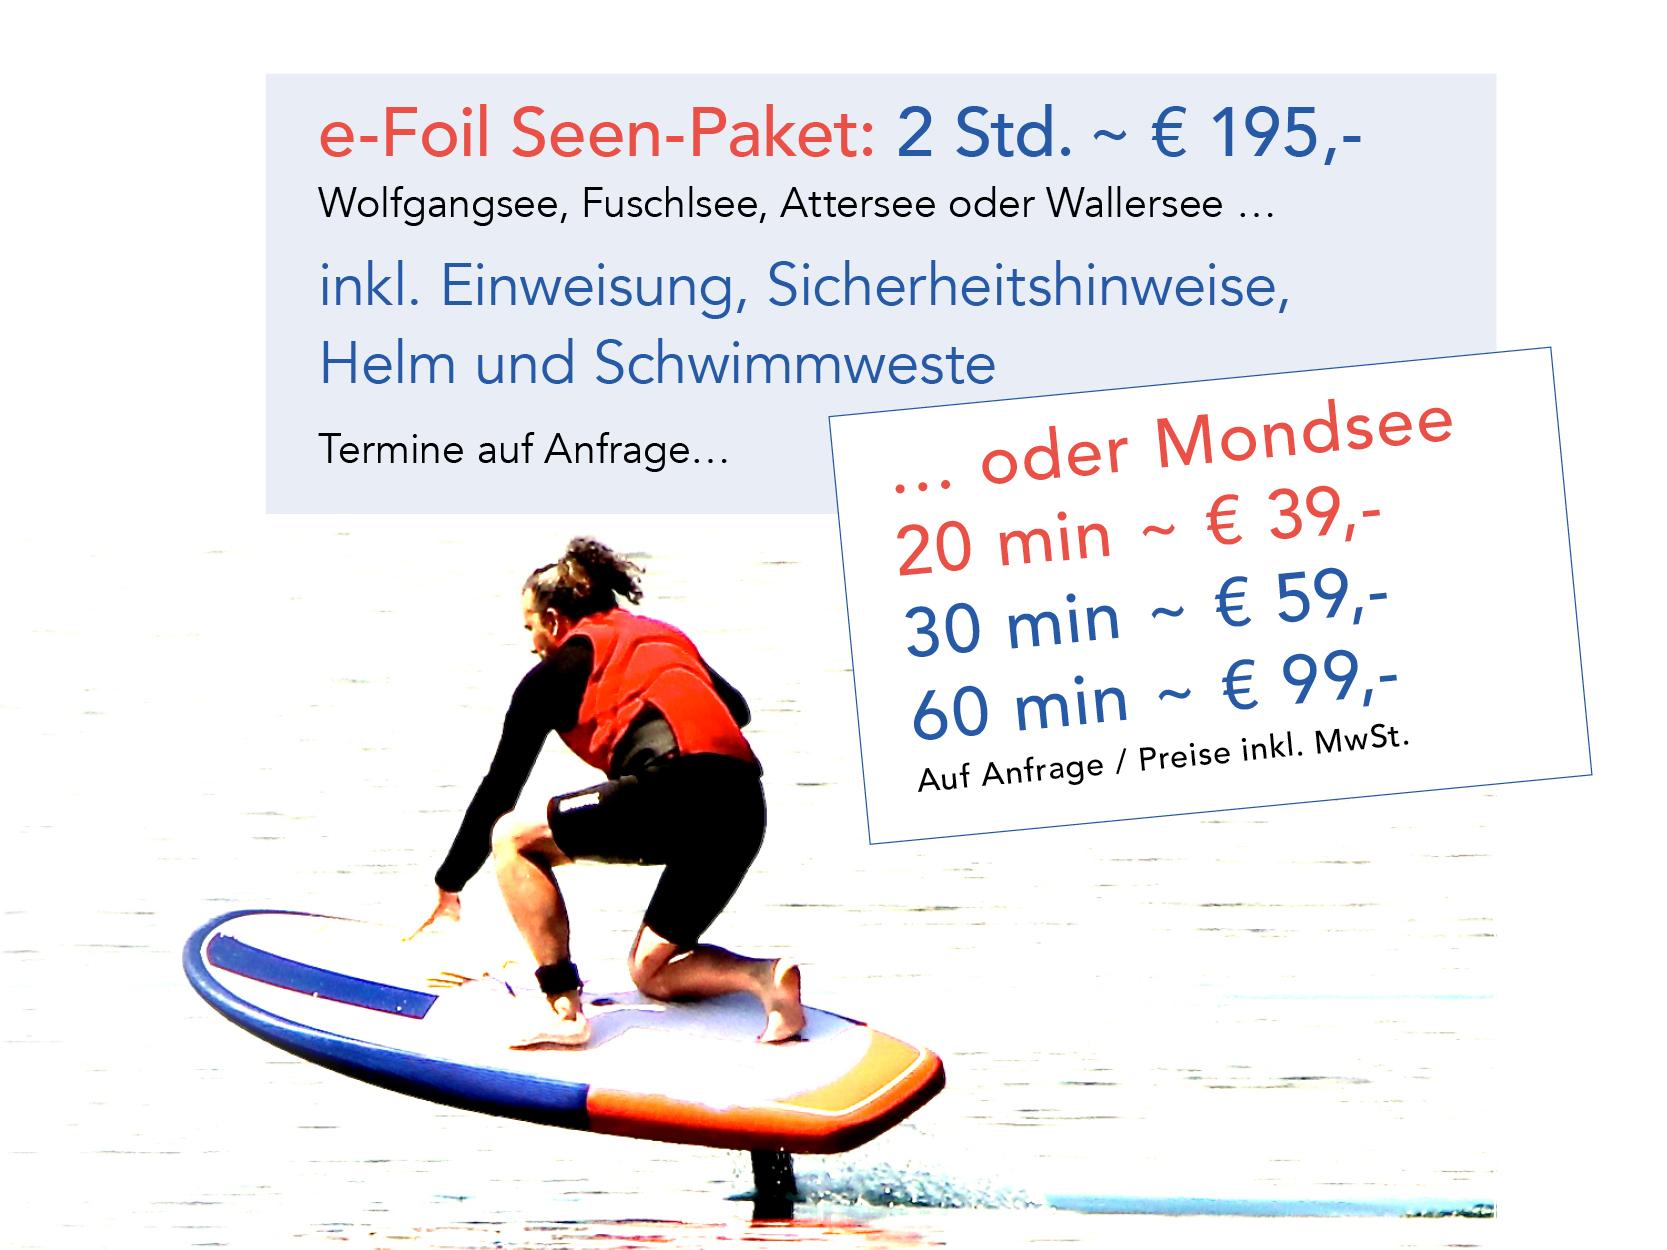 e-Foil in Österreich ausleihen